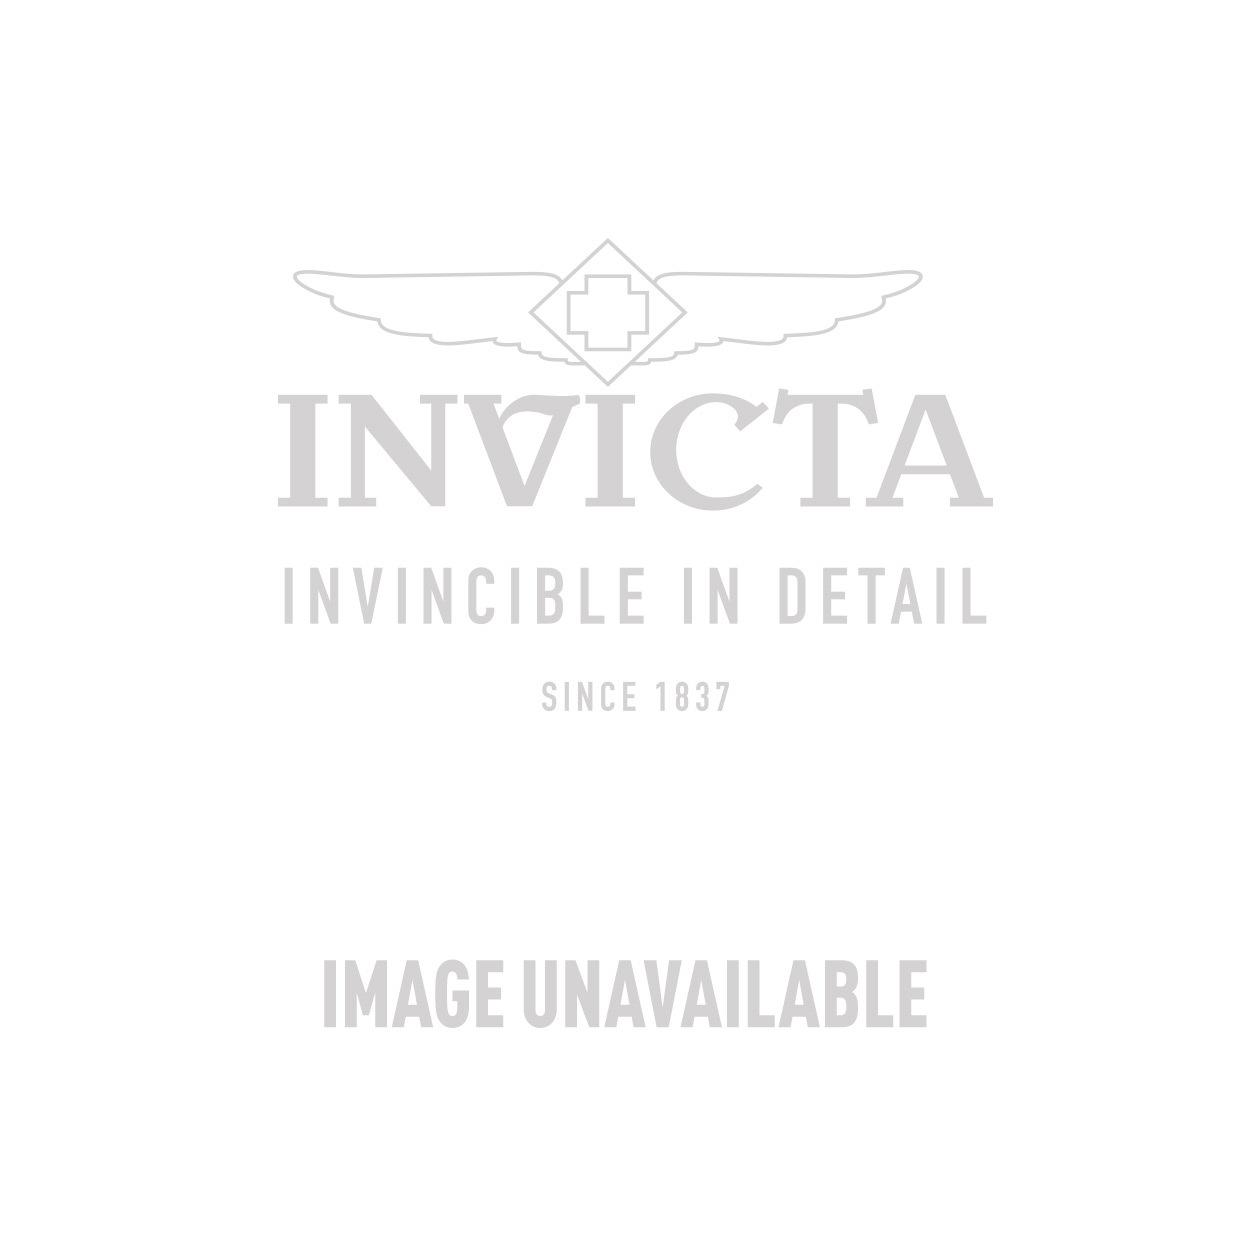 Invicta Model 25364